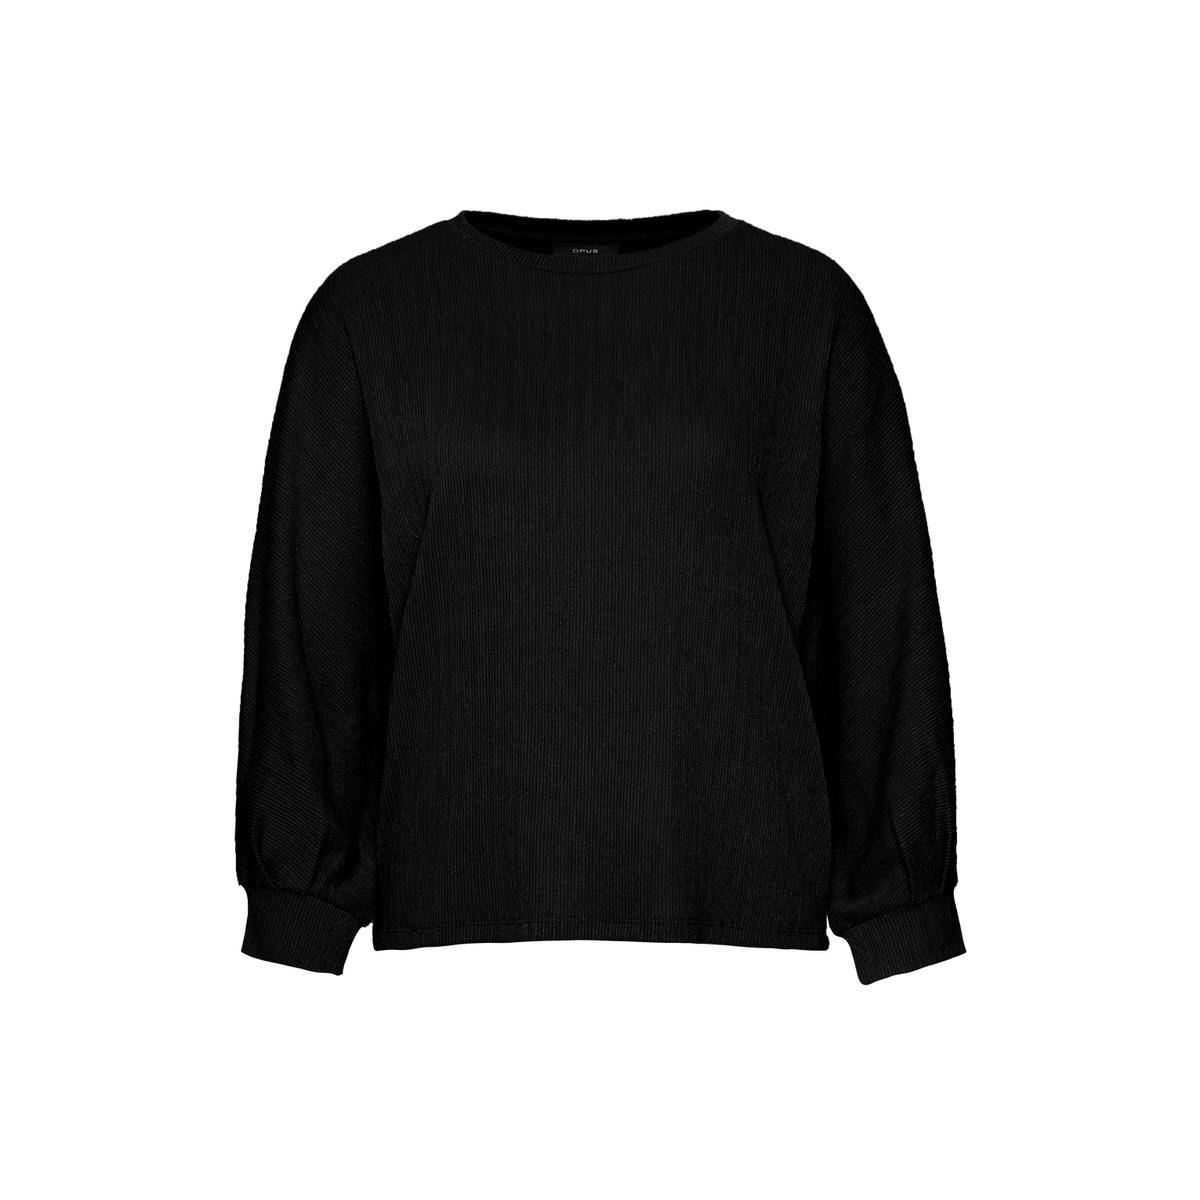 Artikel klicken und genauer betrachten! - Das Sweatshirt aus einem soften Viskose-Mix spielt mit Volumen und Struktur. Der weite Body läuft in voluminöse Ärmel über. Durch Raffungen am Bündchen wird der Ballon-Charakter der Ärmel zusätzlich verstärkt. Eine feine Faltenstruktur wirkt wie ein Plissee und verleiht dem Shirt einen besonderen Griff. | im Online Shop kaufen